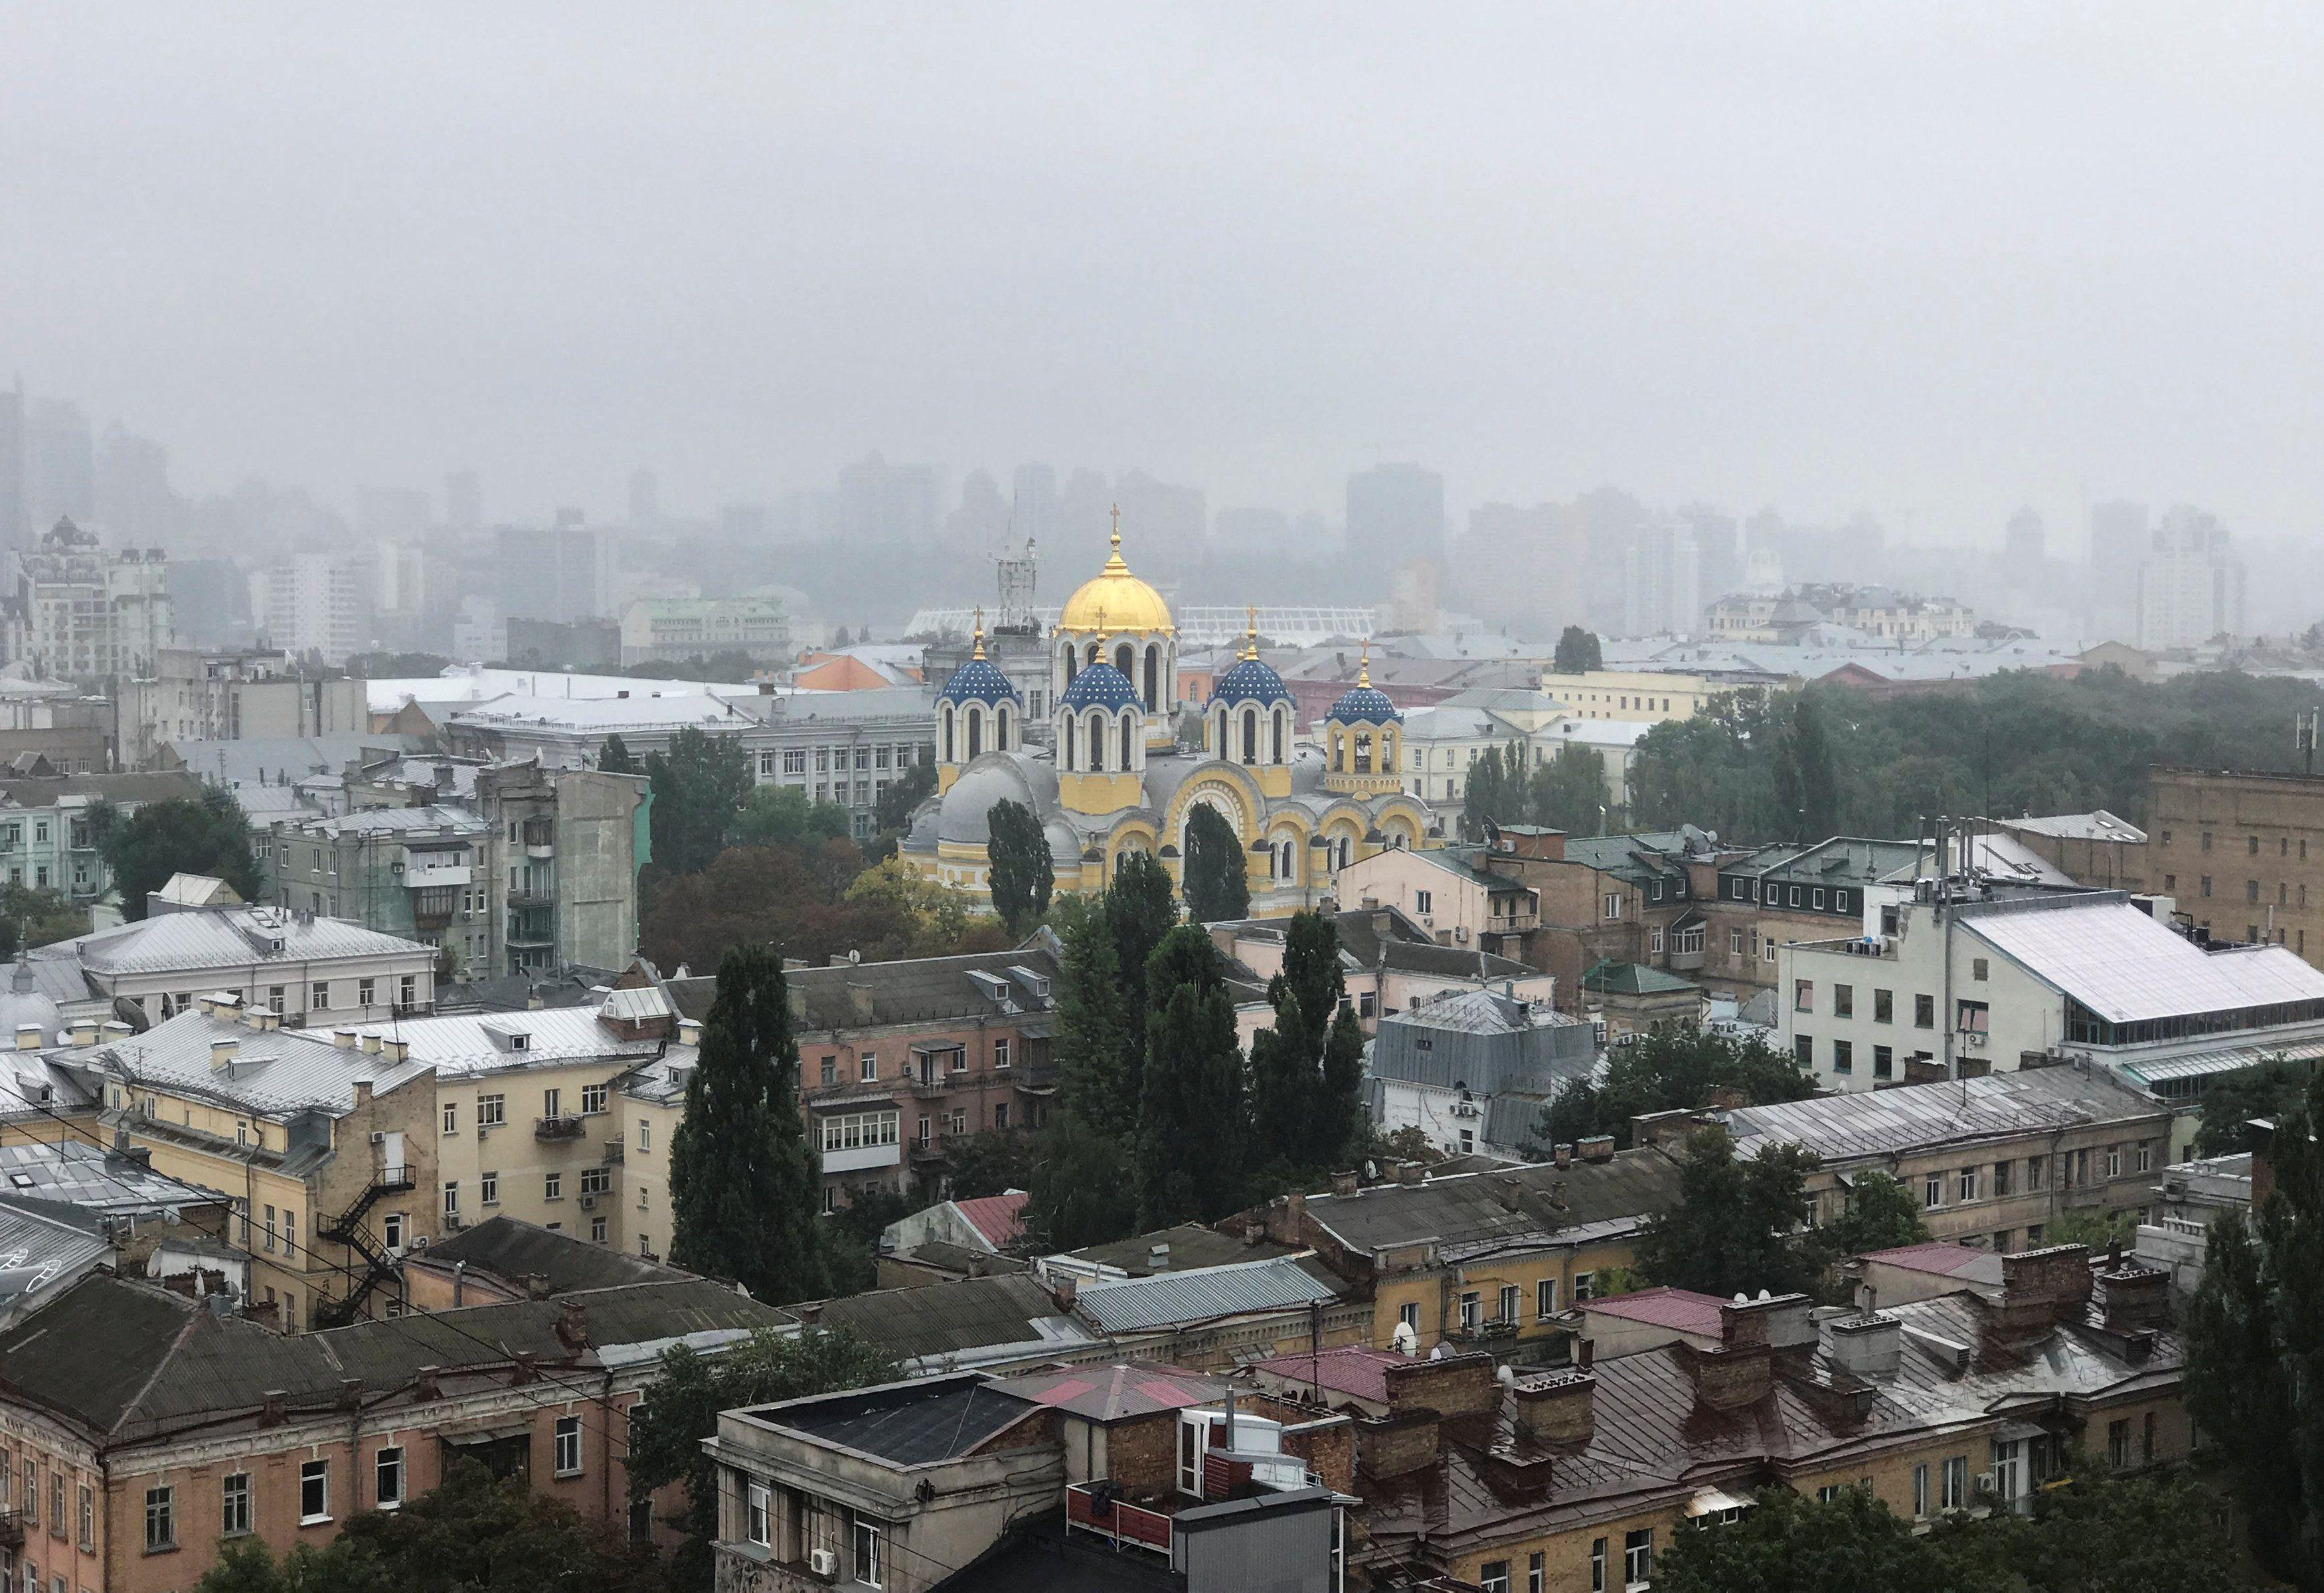 Погода в Киеве — Киевляне могут плохо себя чувствовать из-за изменения погоды, предупредила синоптик